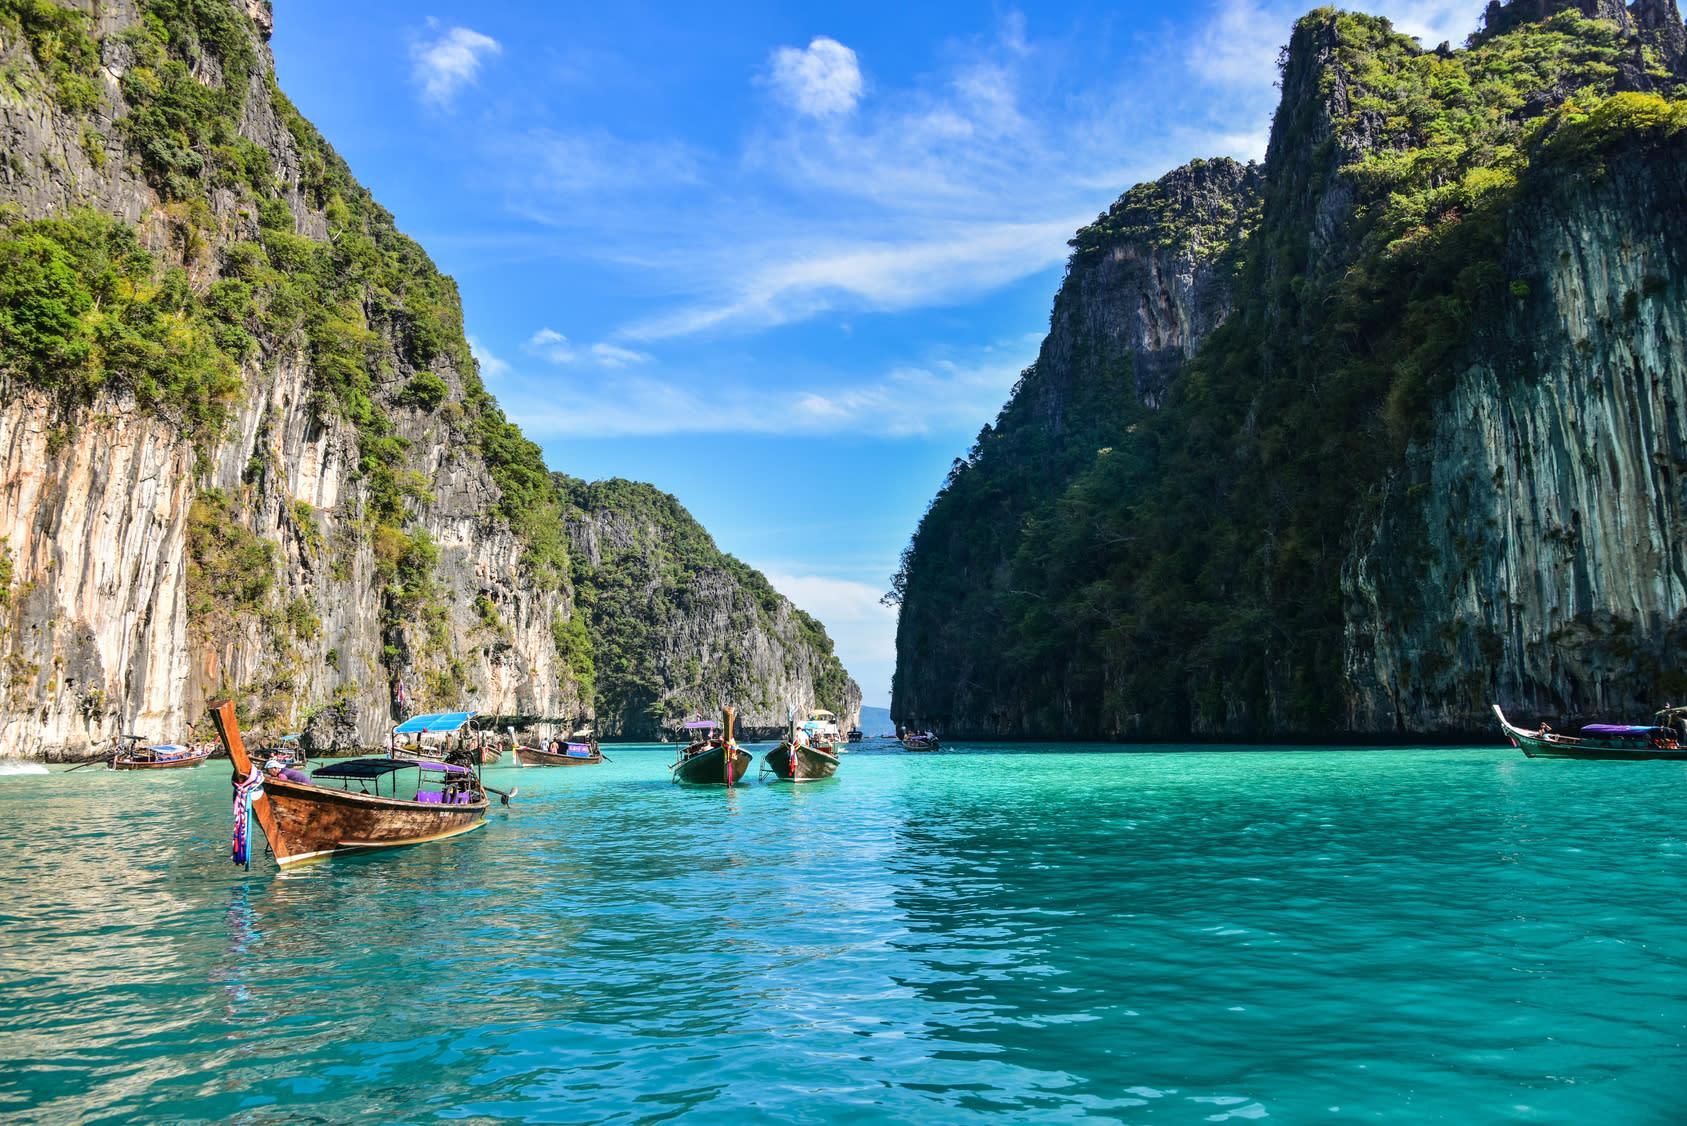 Tour In Phuket